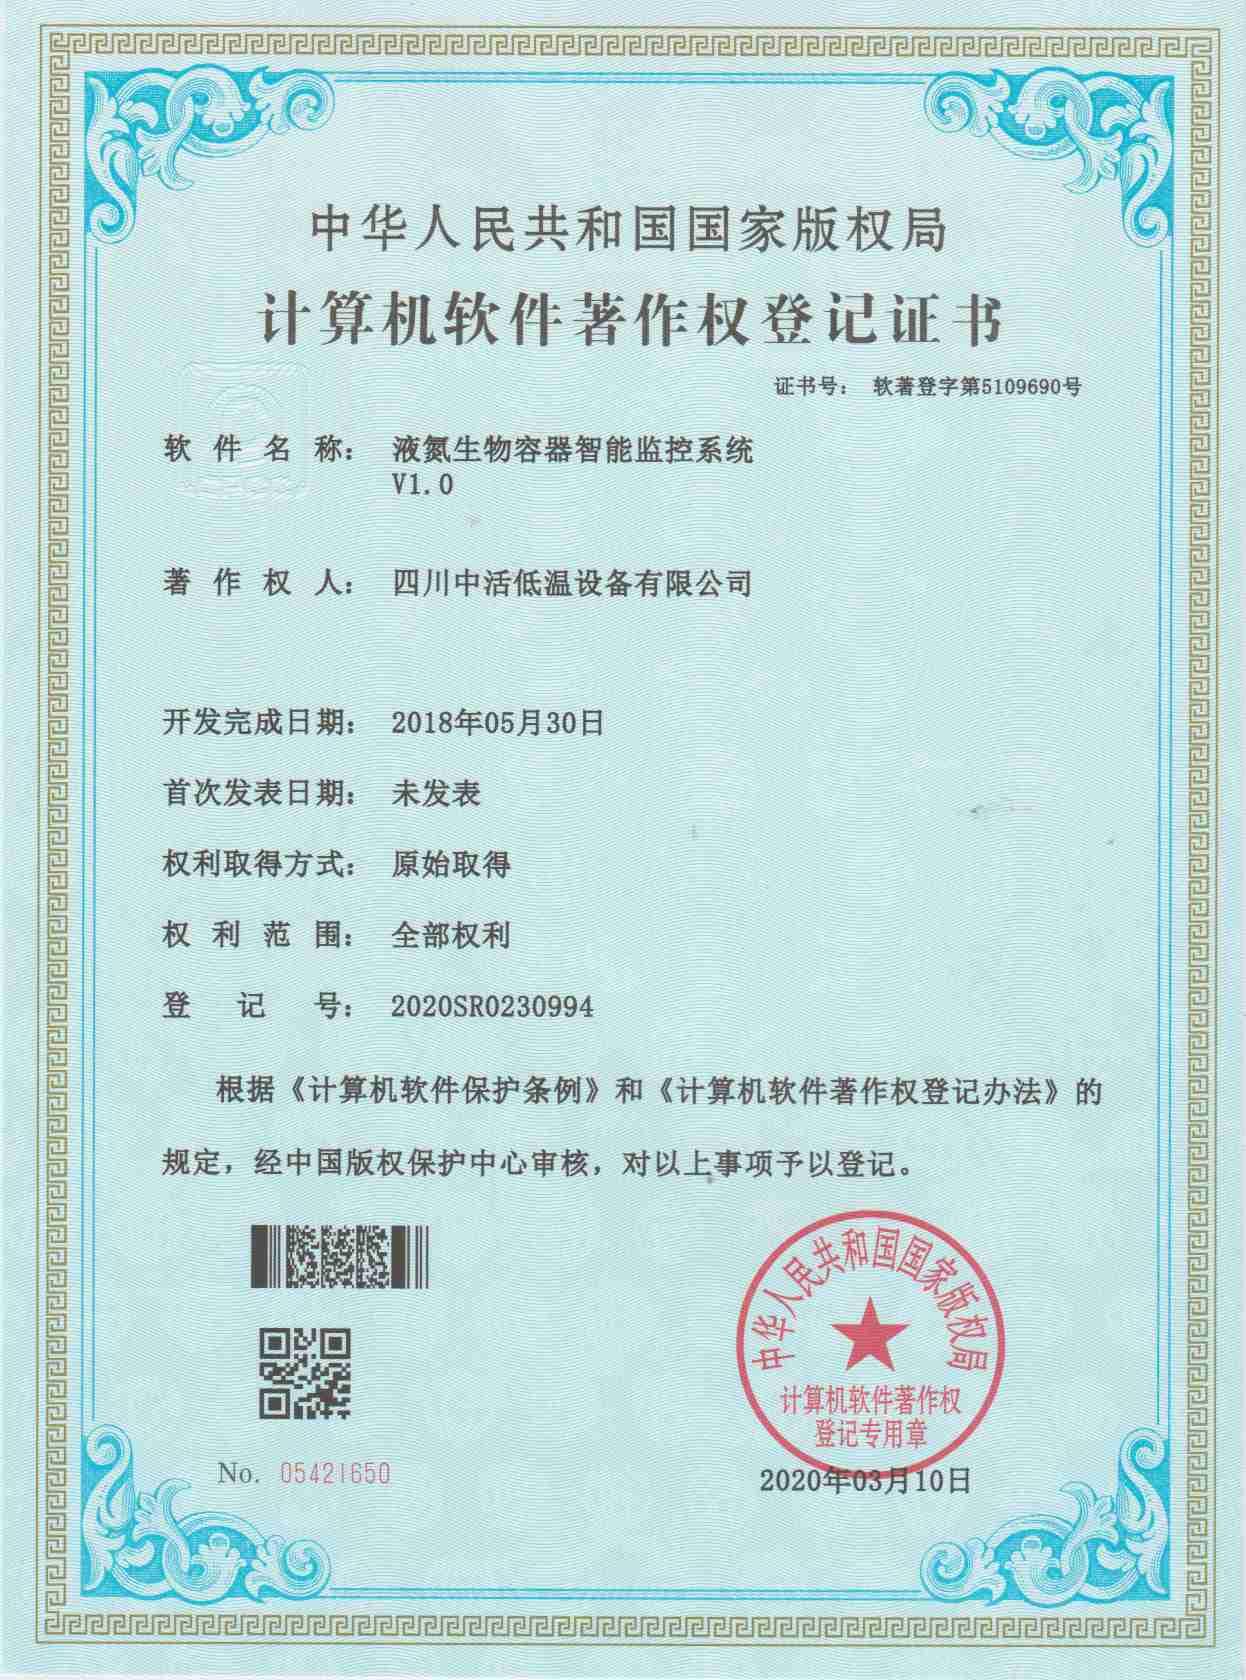 四川中活低温液氮生物容器智能监控系统软著证书